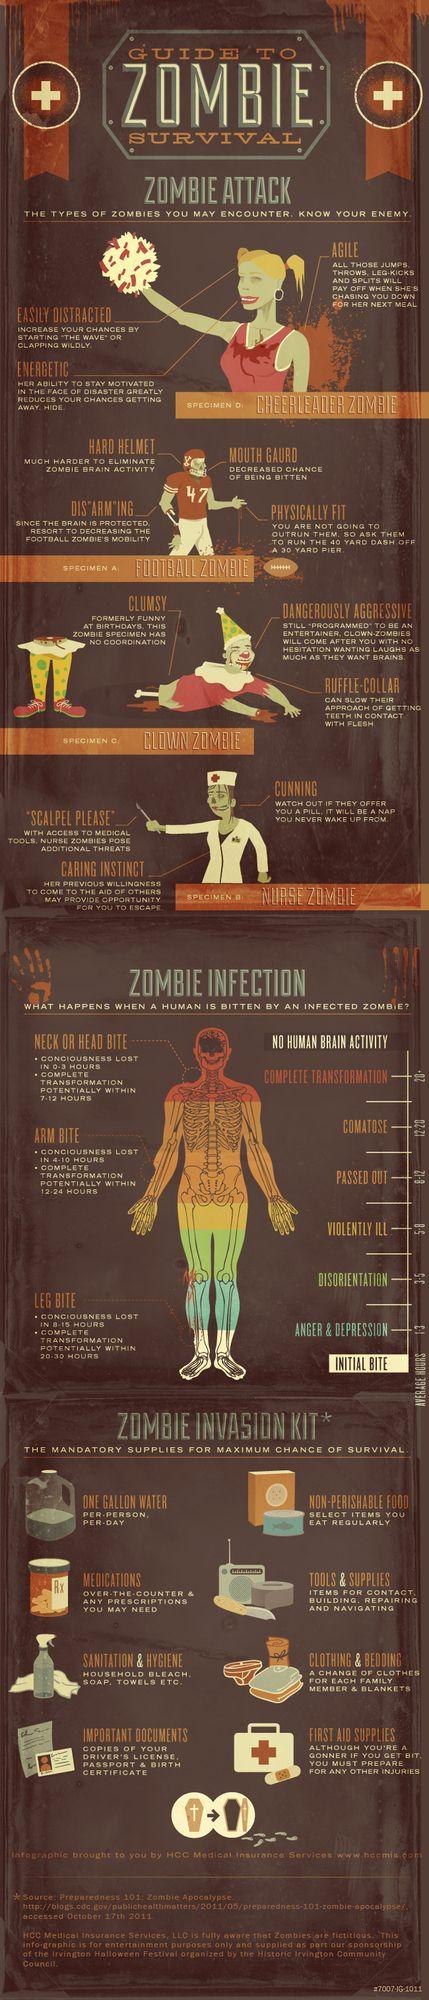 MinuteBuzz - Le guide ultime de survie en cas d'attaque de zombies